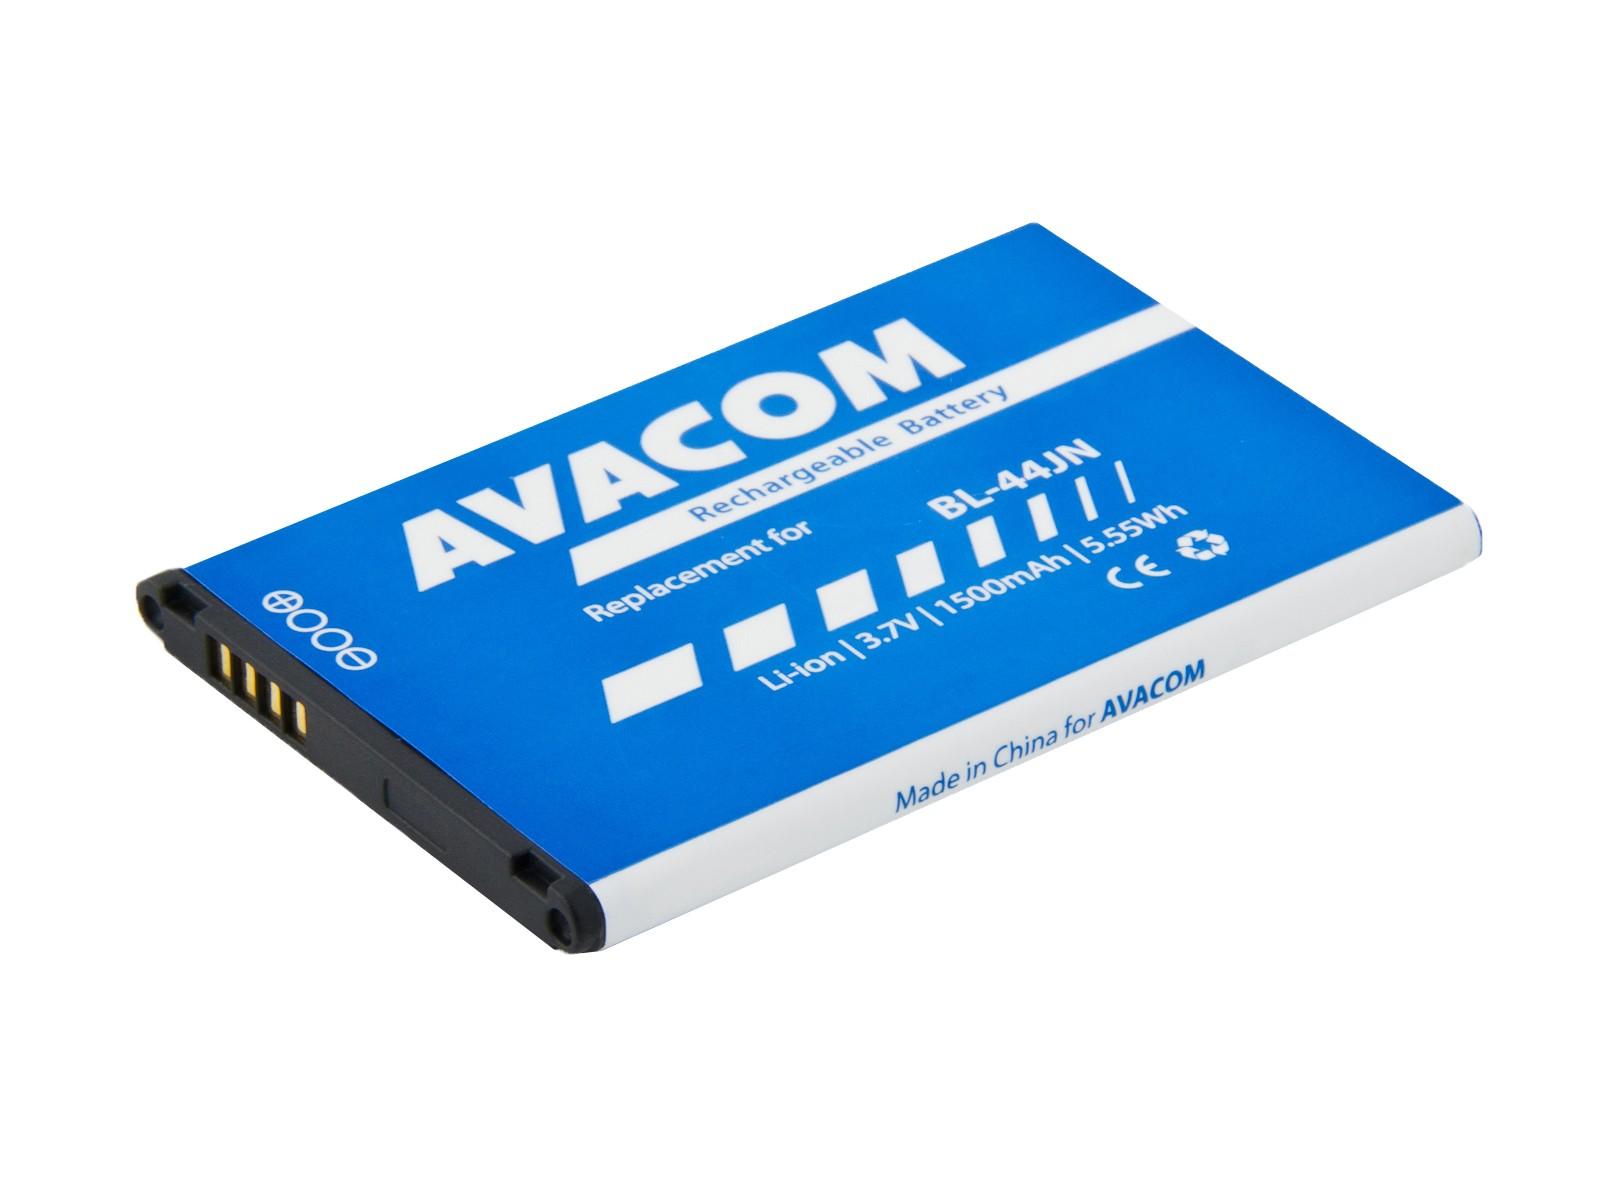 Baterie AVACOM GSLG-P970-S1500A do mobilu LG Optimus Black P970 Li-Ion 3,7V 1500mAh